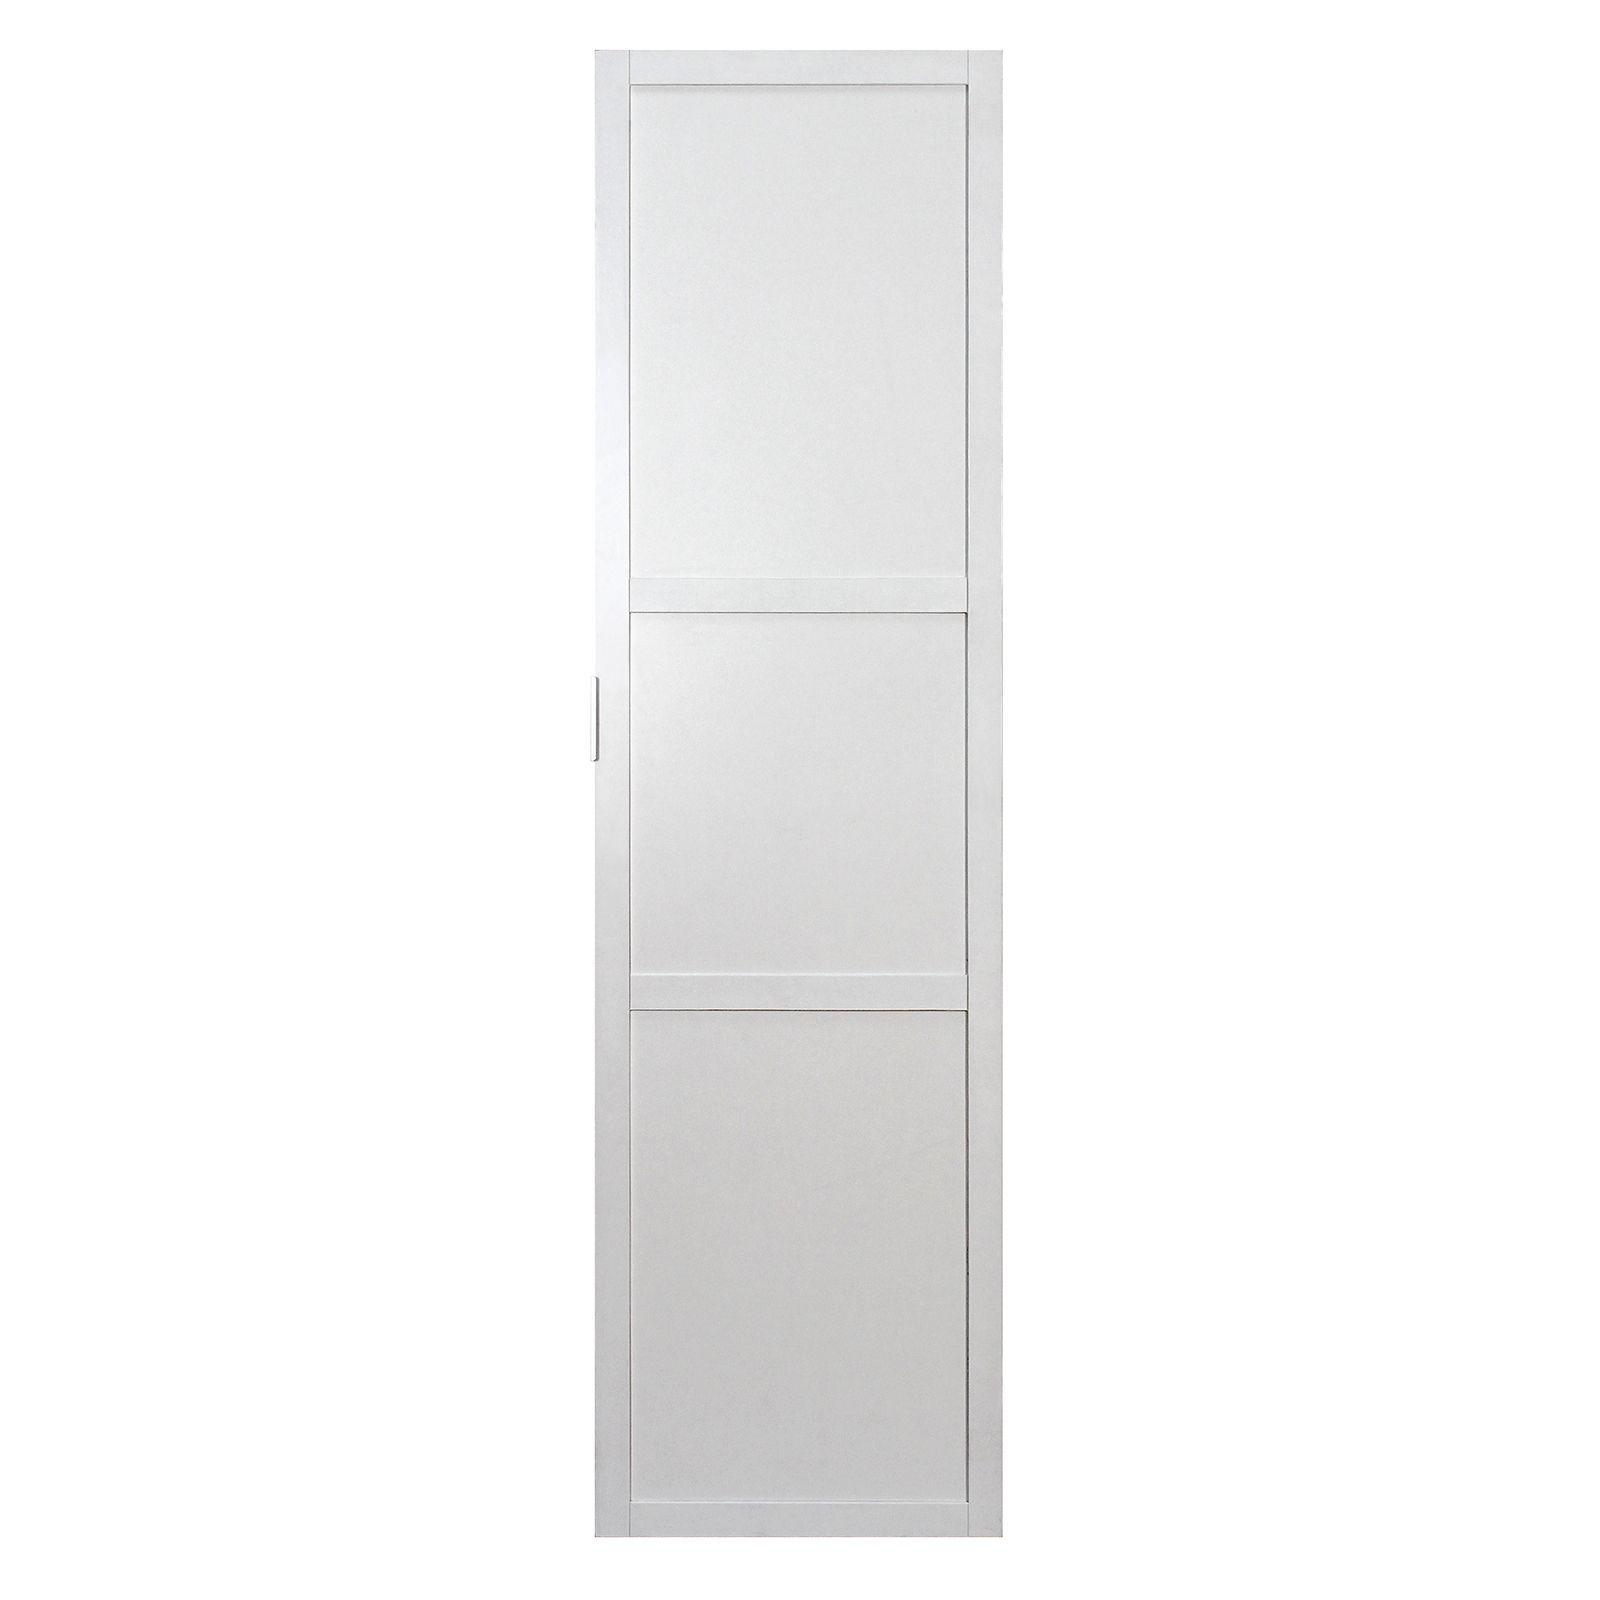 Flexi Storage Classic Hinge Wardrobe Door